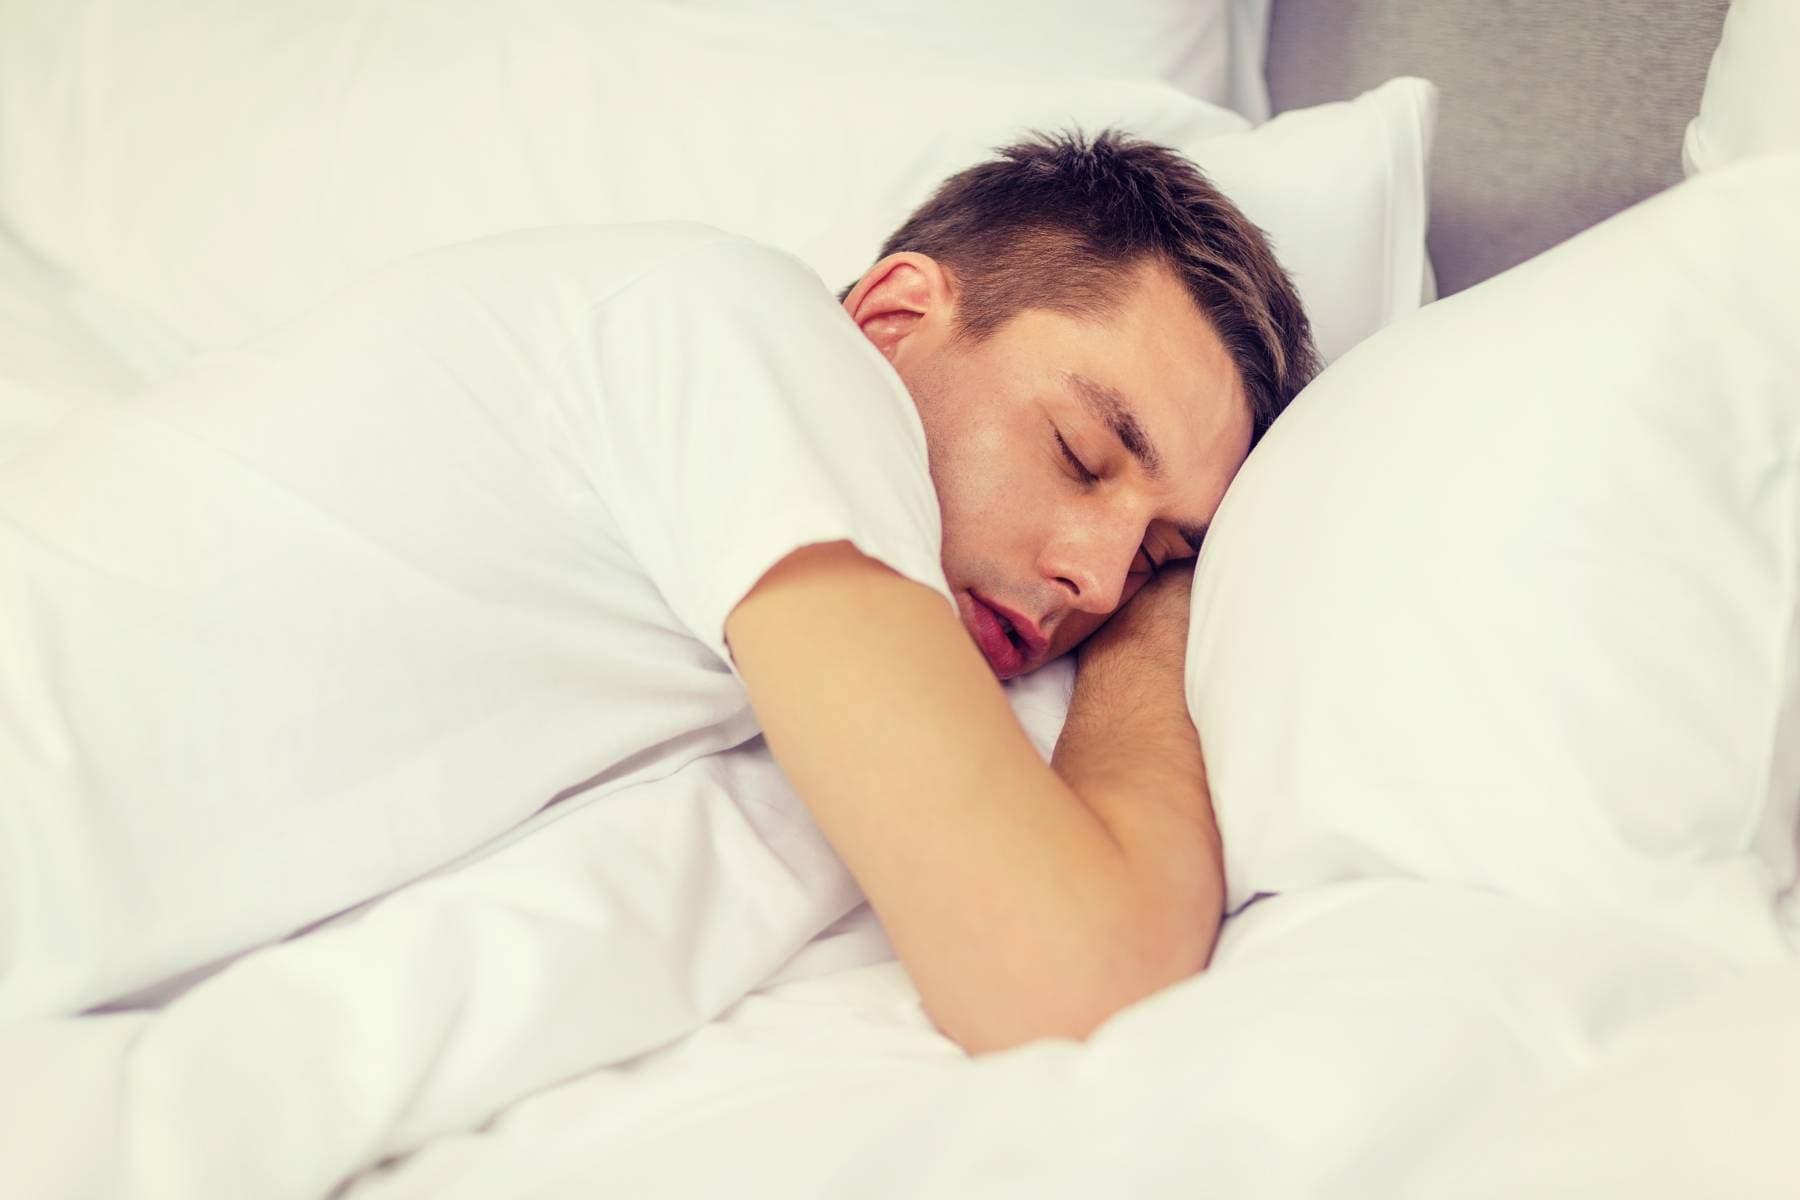 svettas i sömnen feber